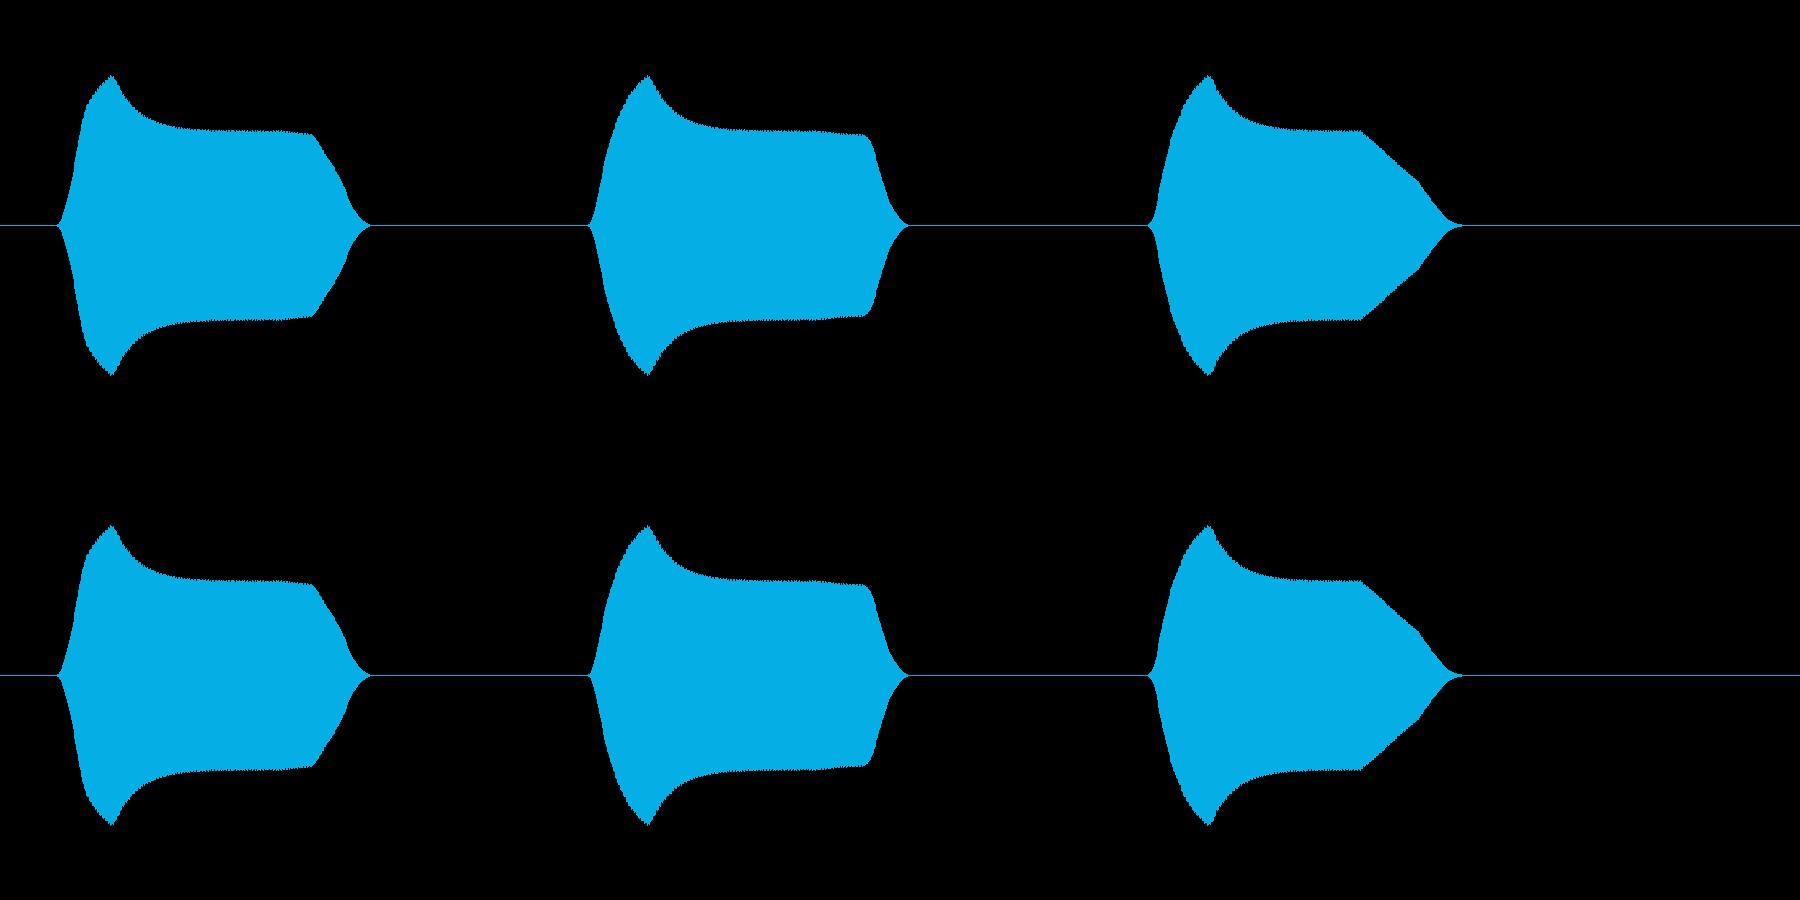 ピピピッ(高めの音)の再生済みの波形